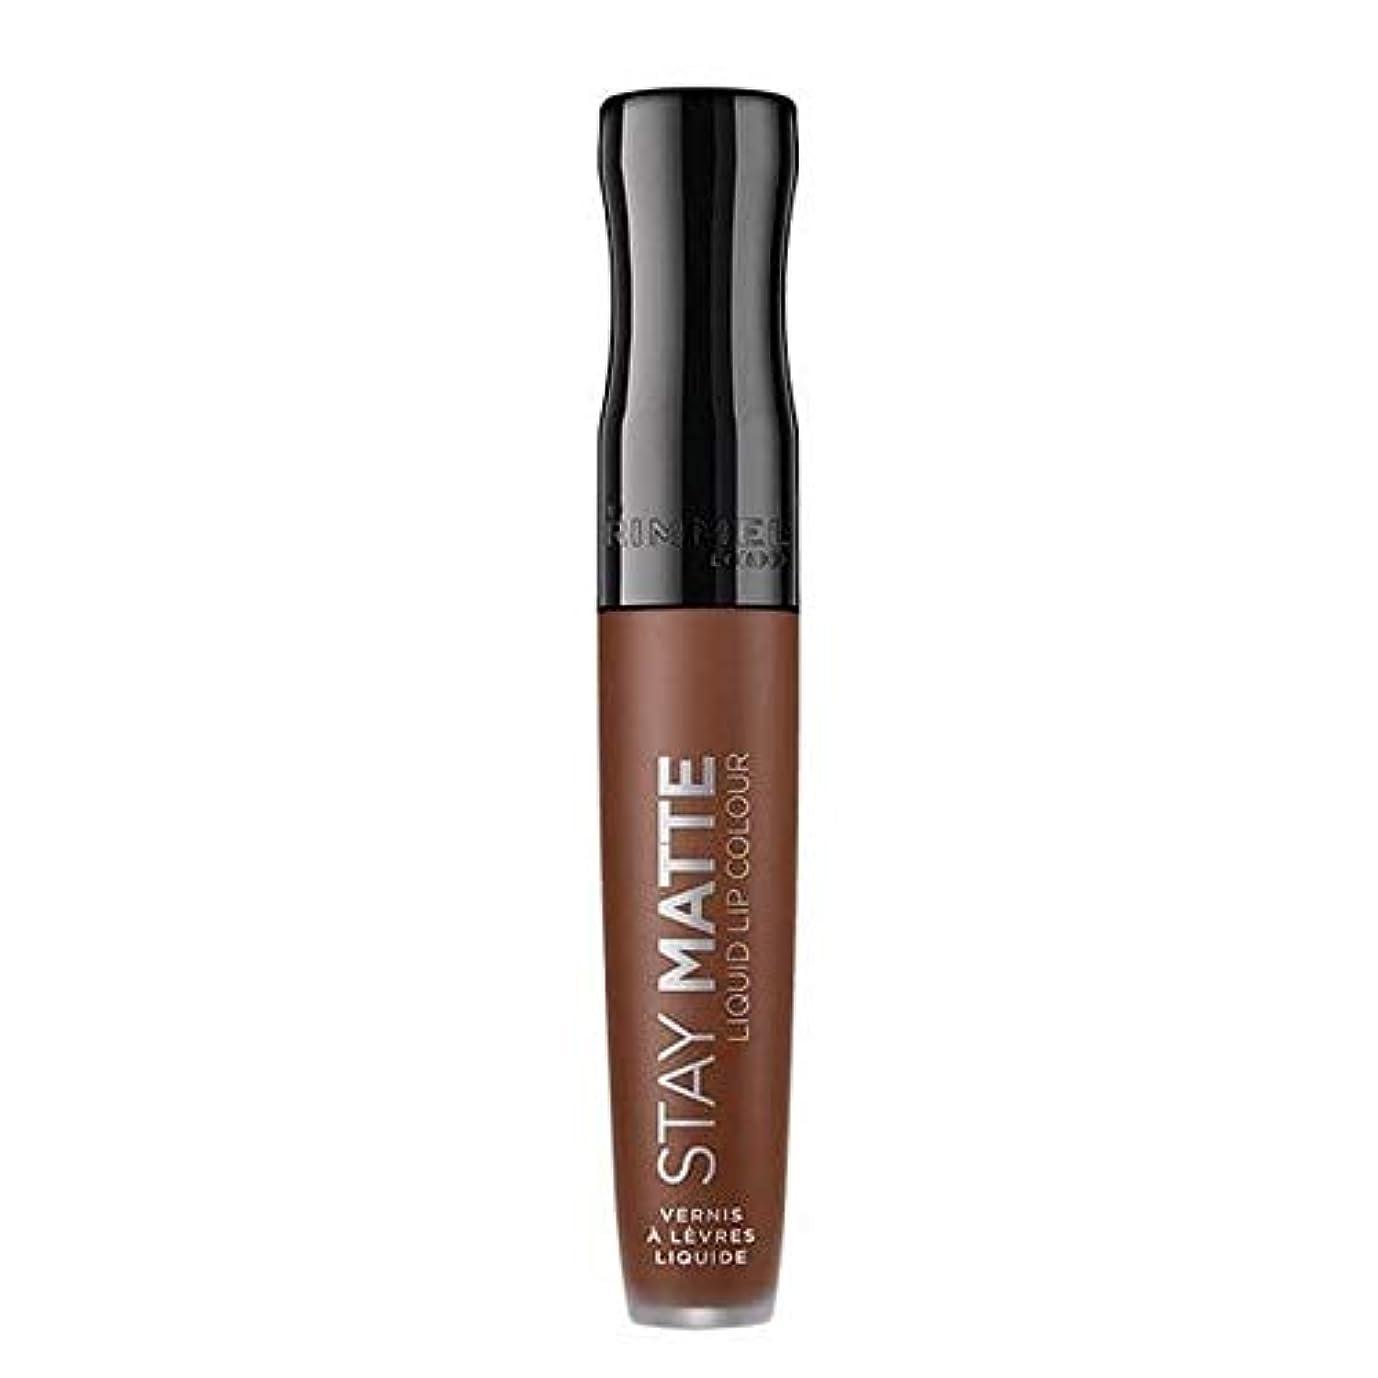 見て雪の自動的に[Rimmel ] スキャンダラスリンメルステイマット液体リップ口紅 - Rimmel Stay Matte Liquid Lip Lipstick Scandalous [並行輸入品]